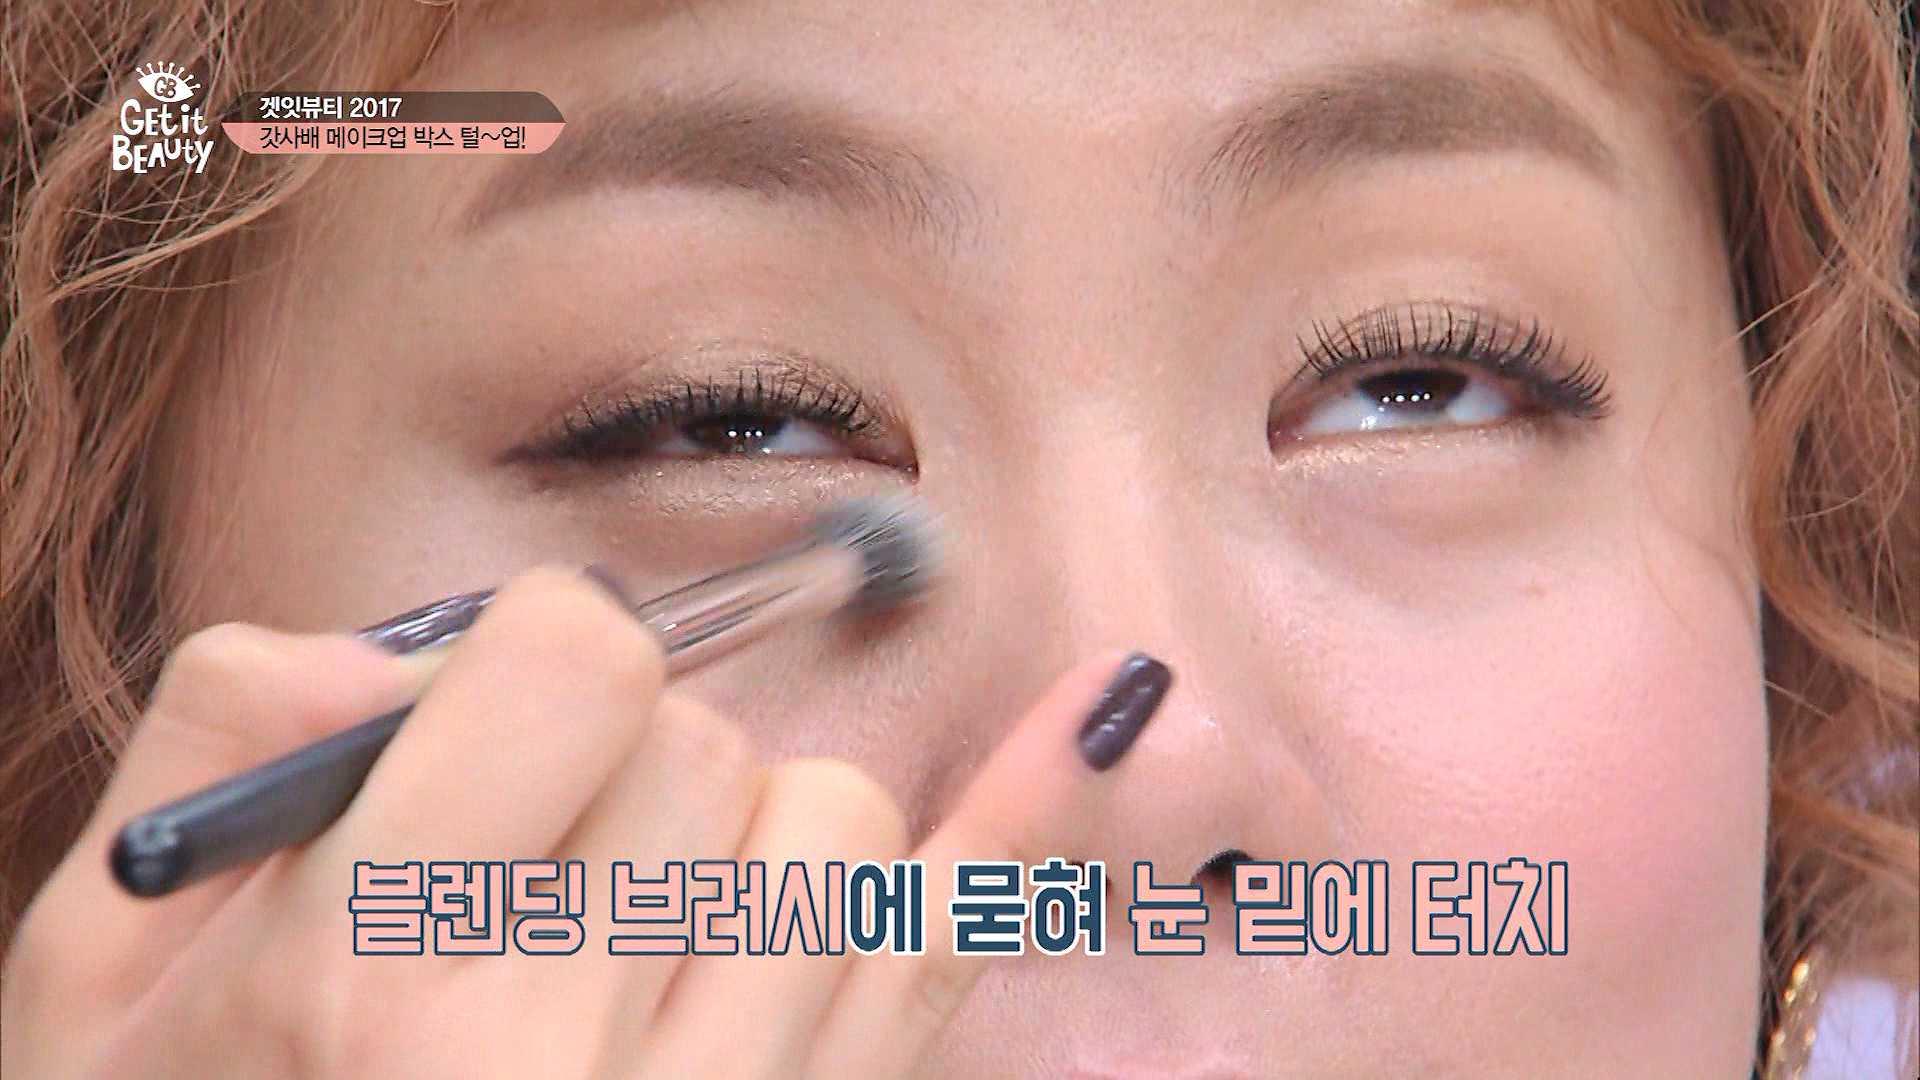 블렌딩 브러시에 묻효 눈 밑에 터치해주면 안핵이 화사해져요~